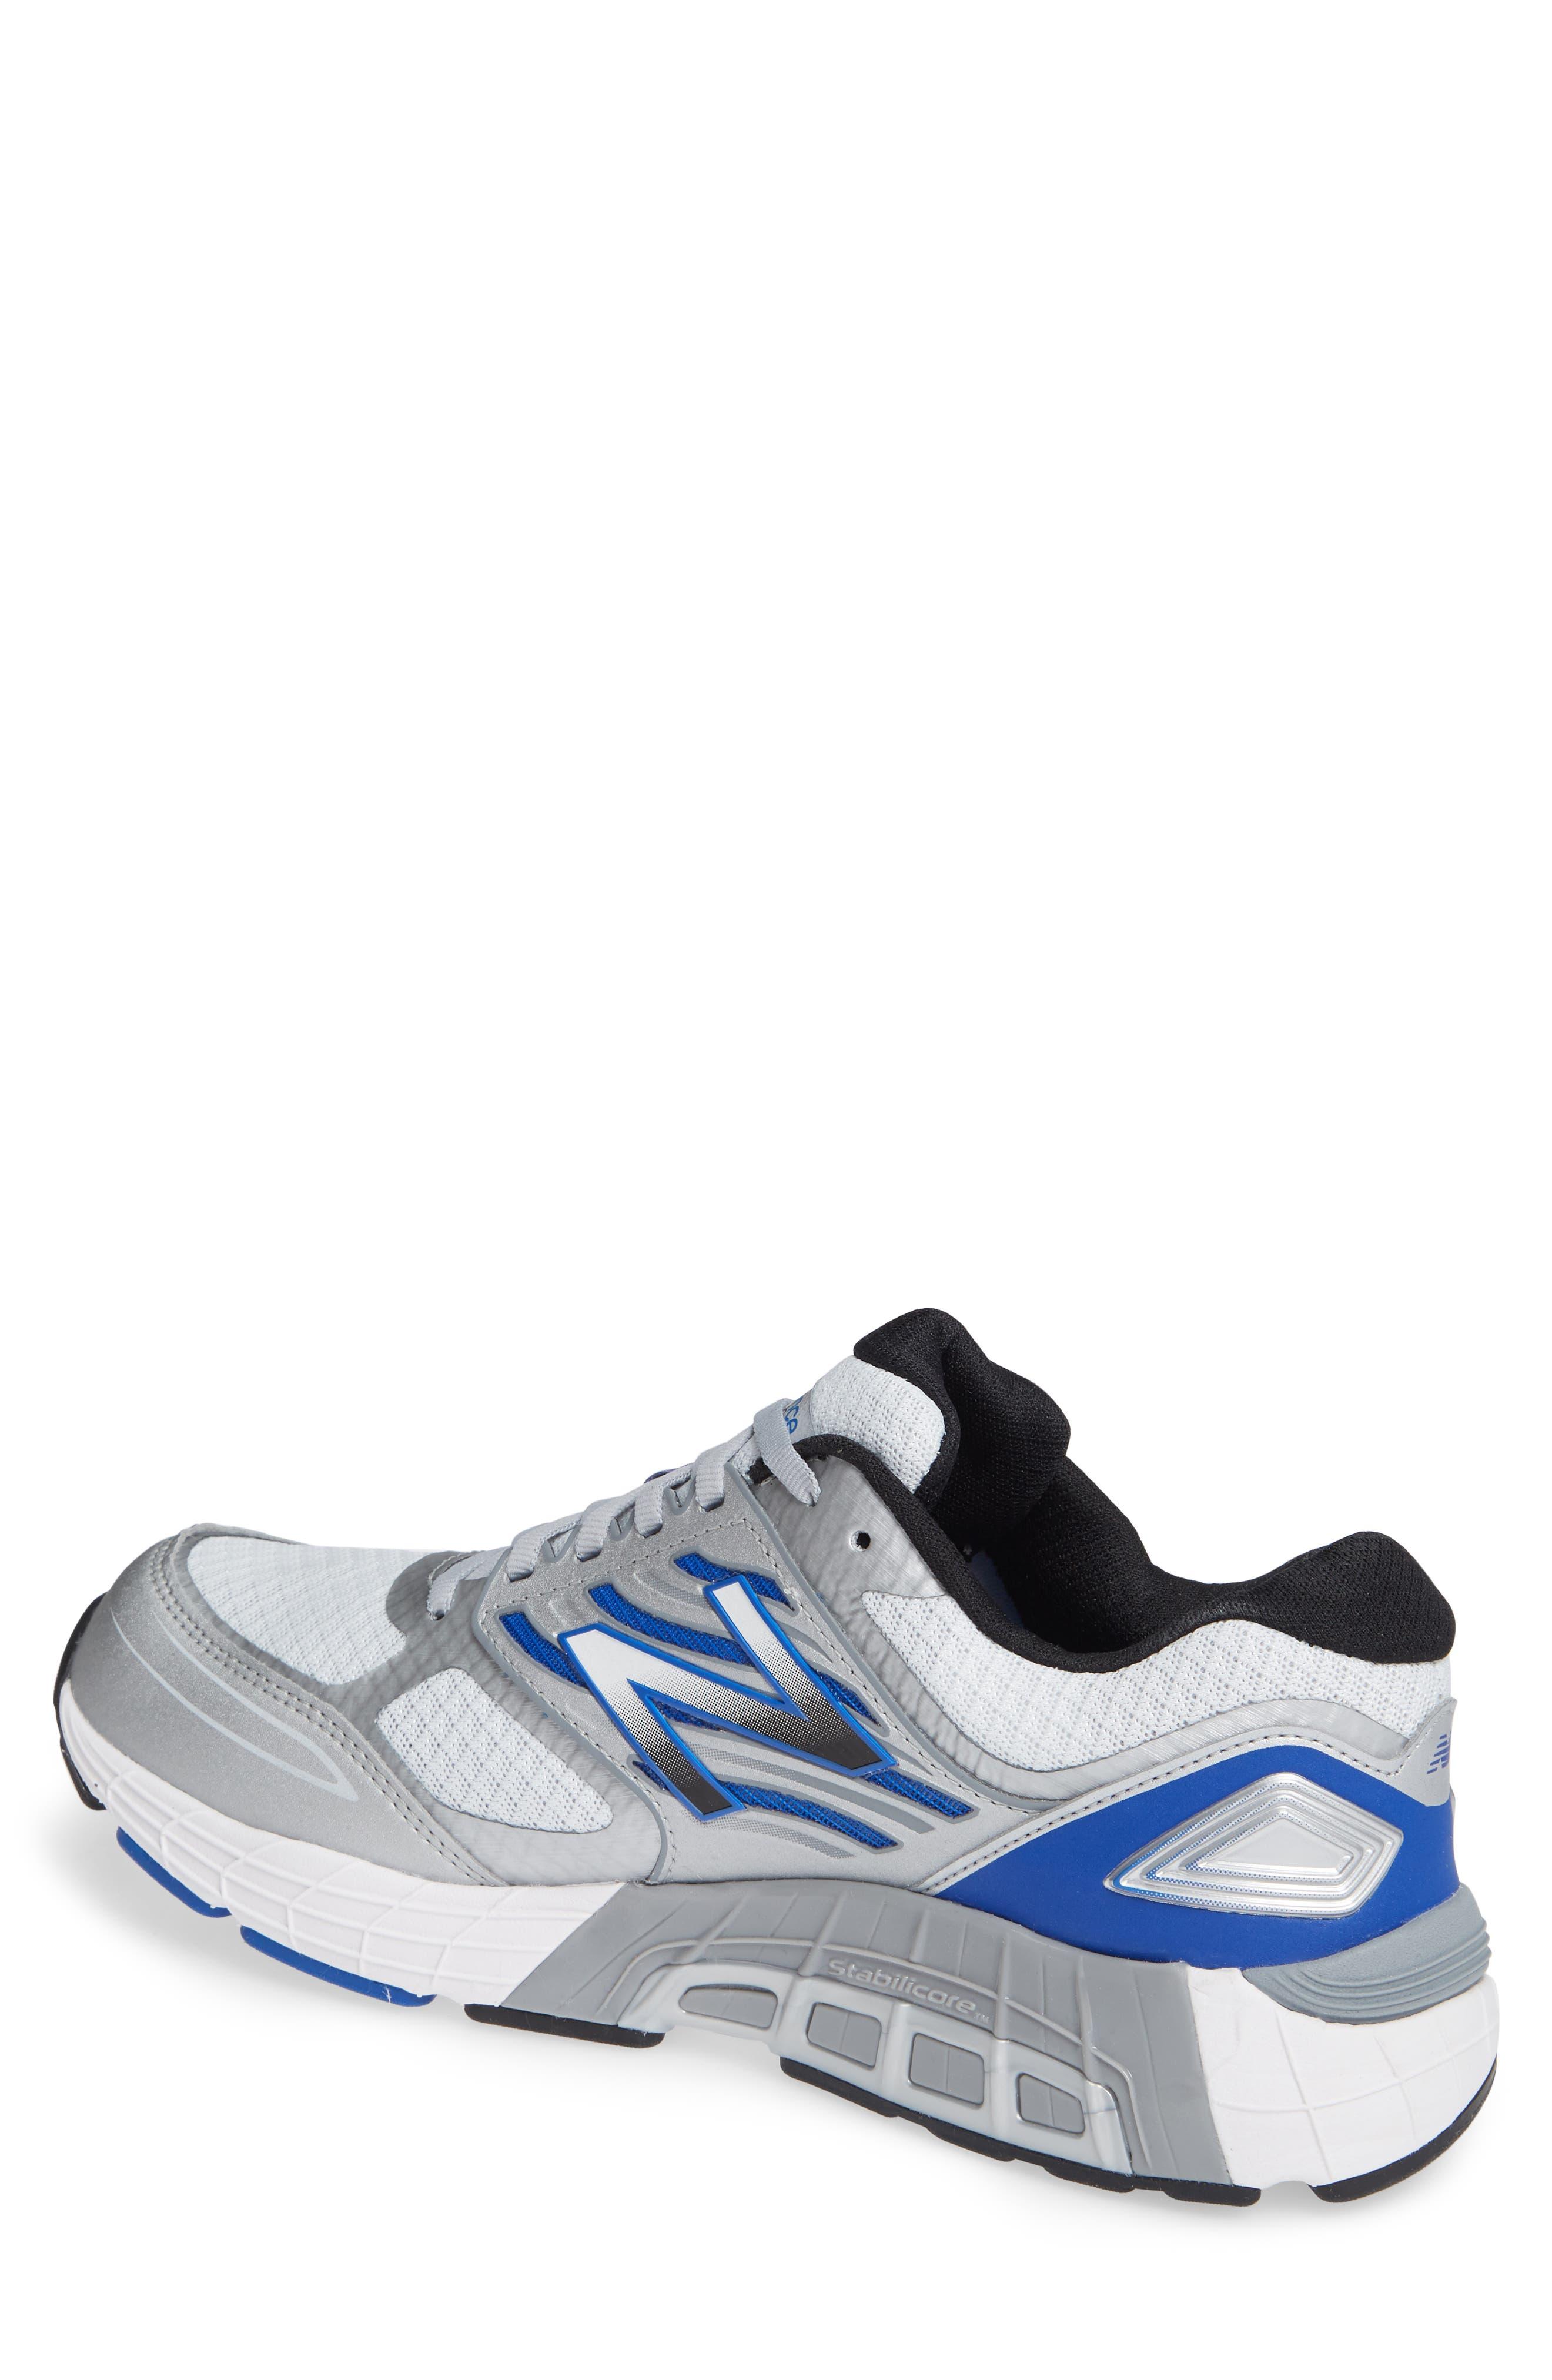 NEW BALANCE, 1340v3 Running Shoe, Alternate thumbnail 2, color, WHITE